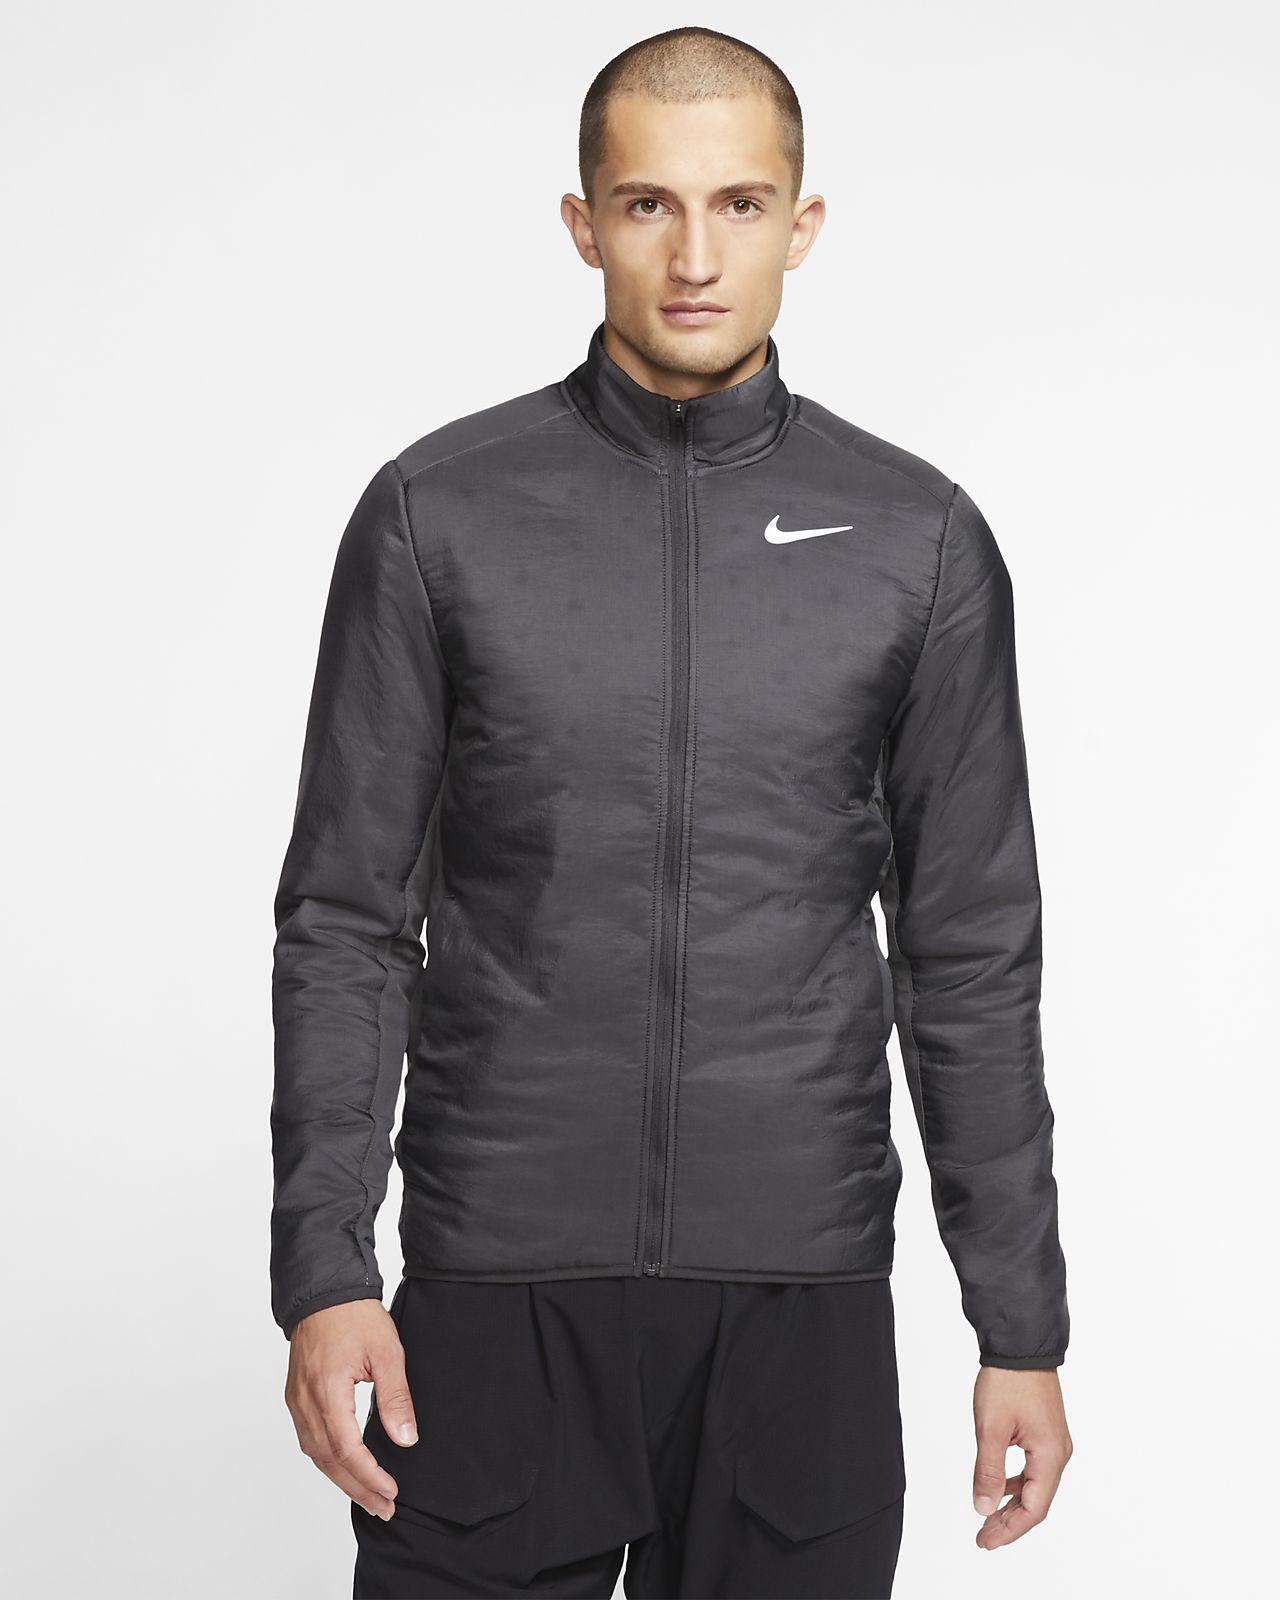 Chamarra de running Nike AeroLayer para hombre